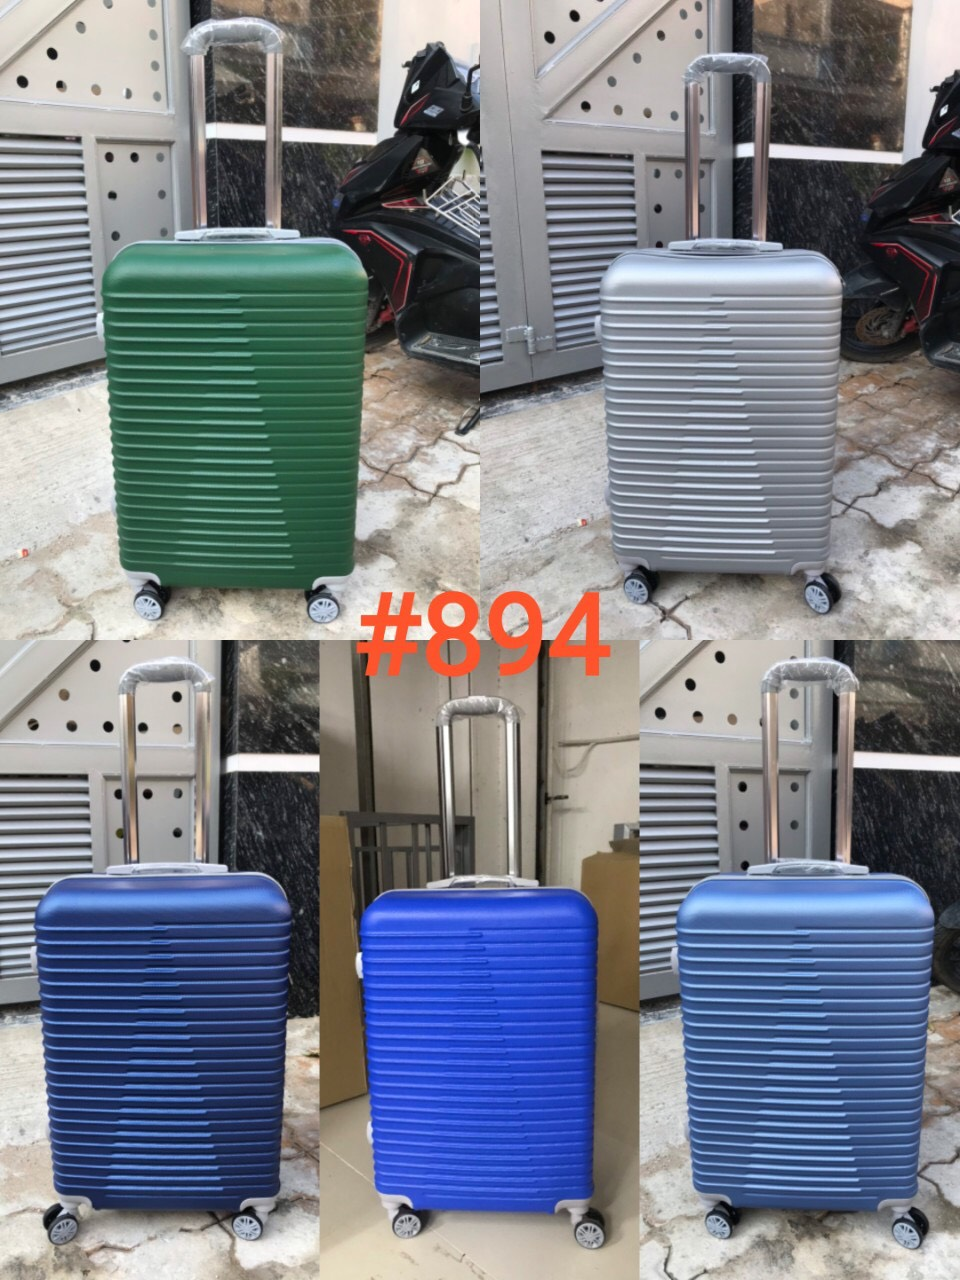 vali nhựa 20-inch ( 894)  Mua sỉ vali hợp đồng theo nhu cầu